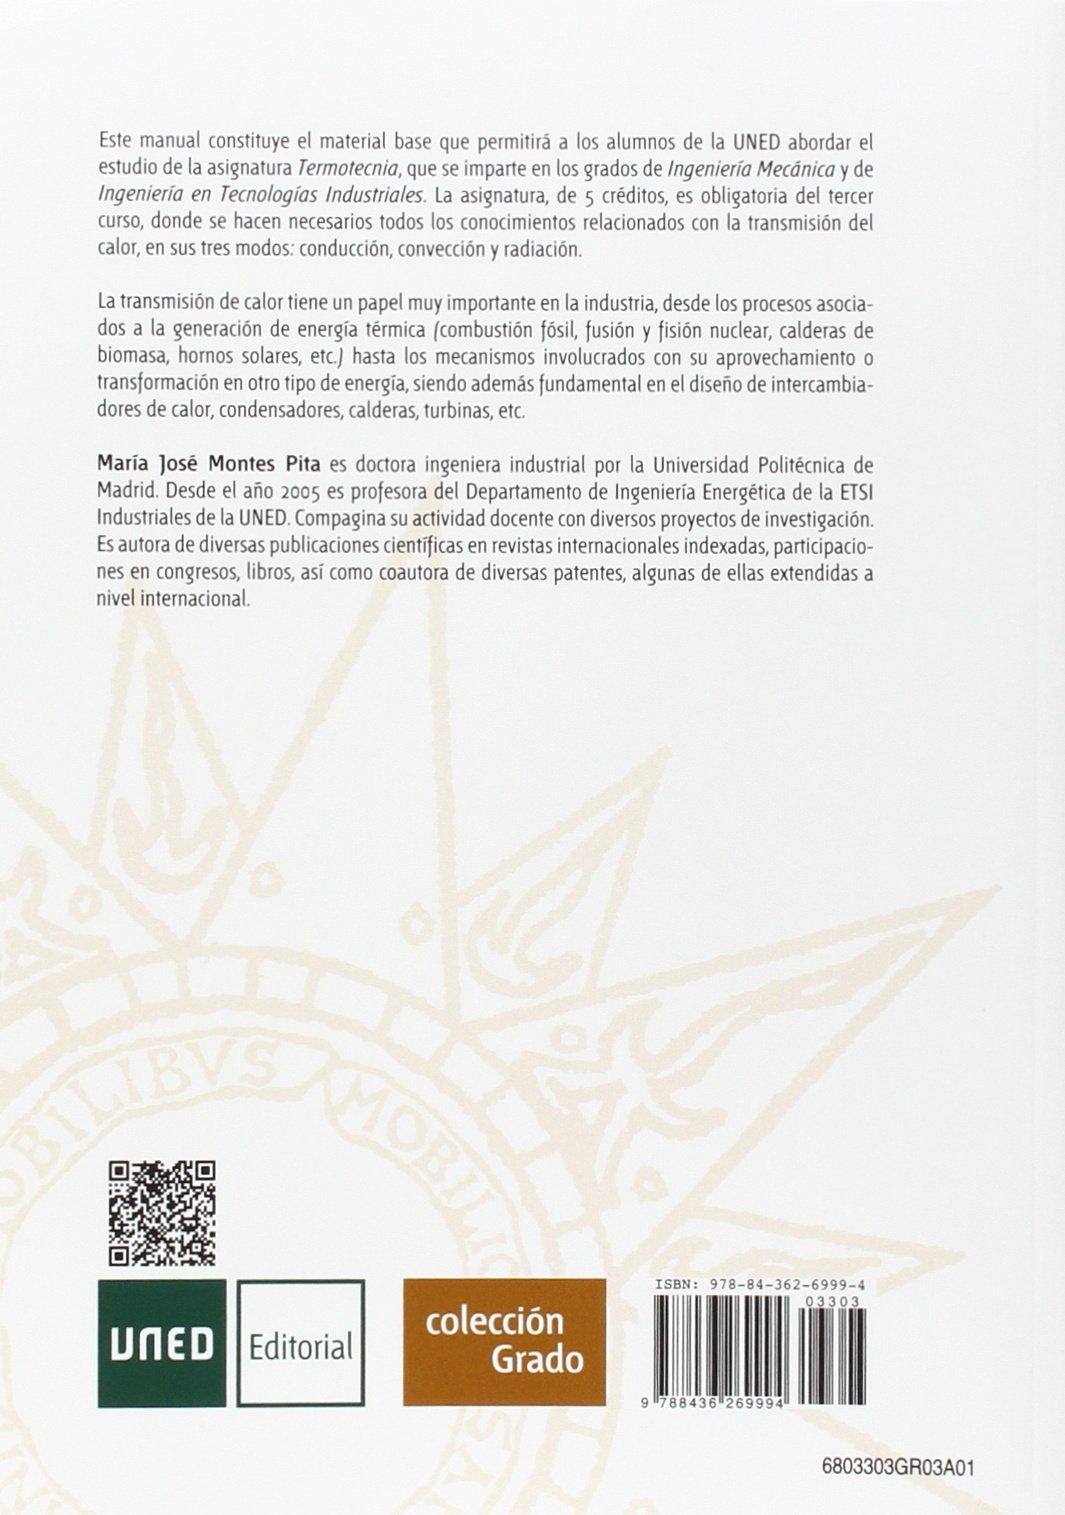 Teoría y problemas de transmisión de calor (GRADO): Amazon.es: María José MONTES PITA: Libros